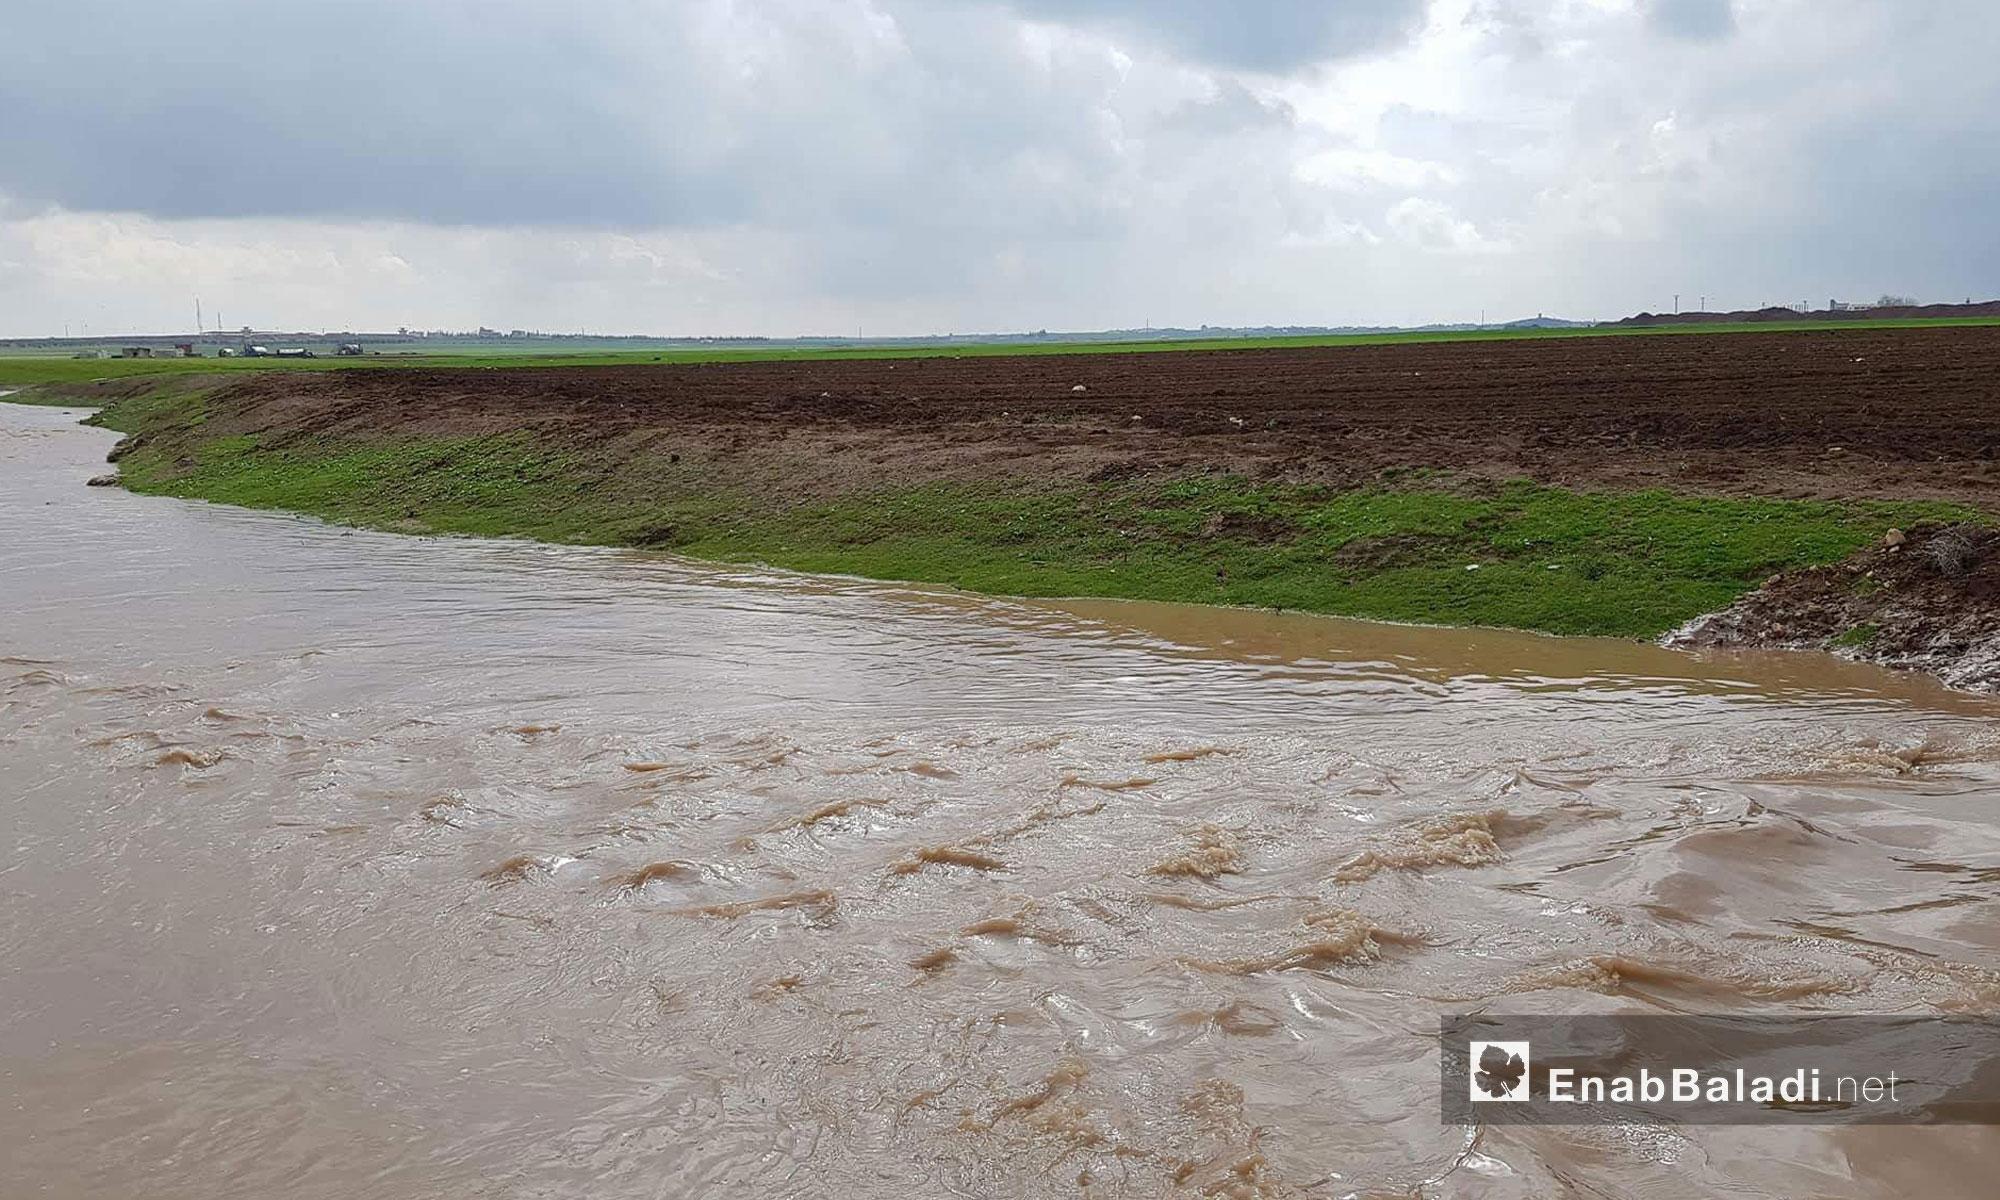 نهر قويق يعود إلى الجريان  بعد انقطاع طويل شمالي حلب - 28 شباط 2018 (عنب بلدي)